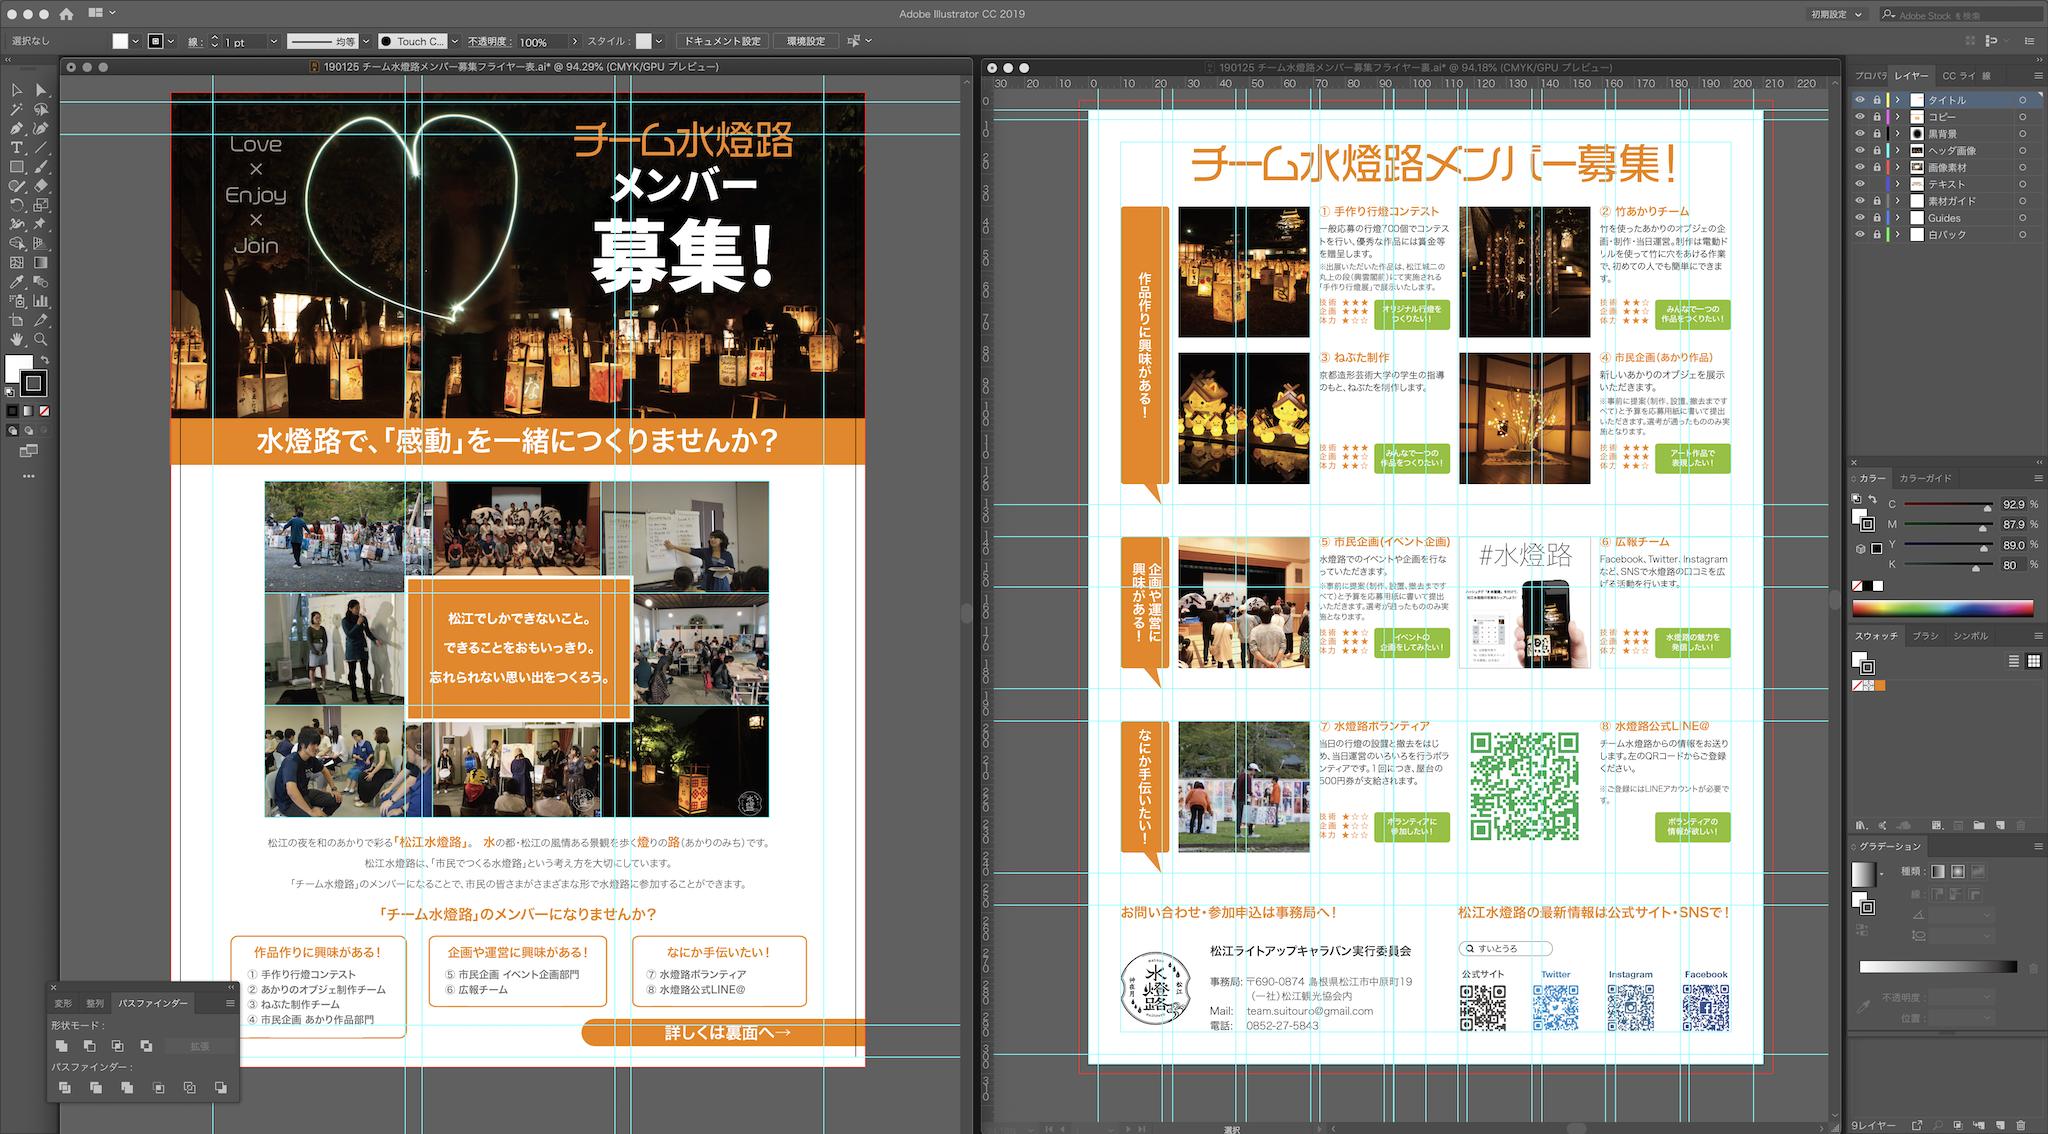 「松江水燈路」チーム水燈路メンバー募集フライヤー制作画面